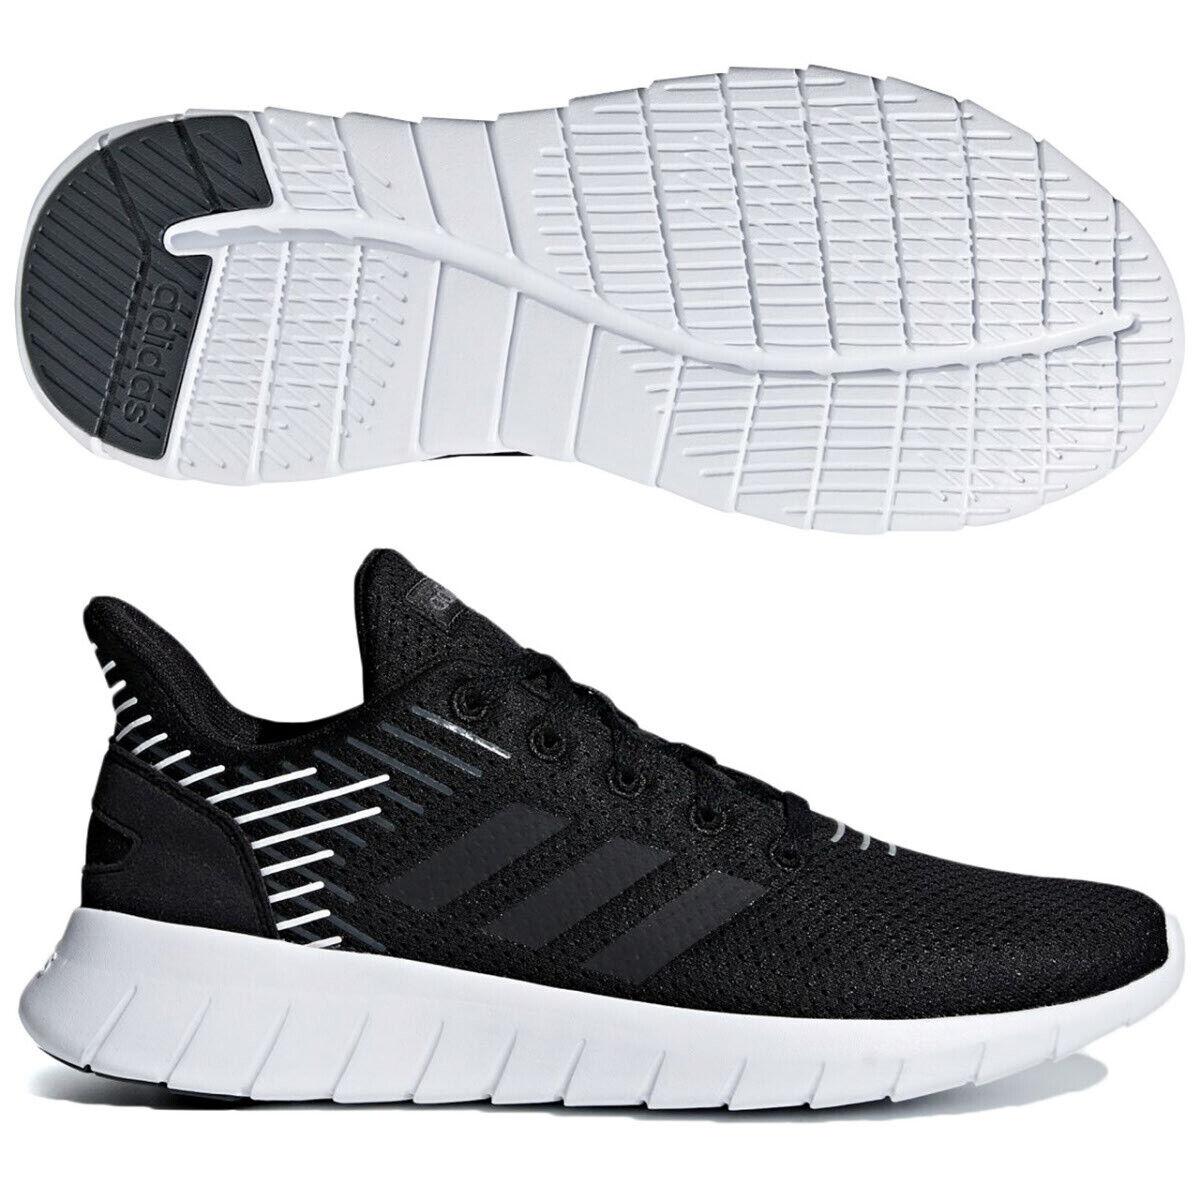 Adidas Mujer Zapatillas Zapato asweerun Cloudfoam entrenamiento work out F36339 Nuevo